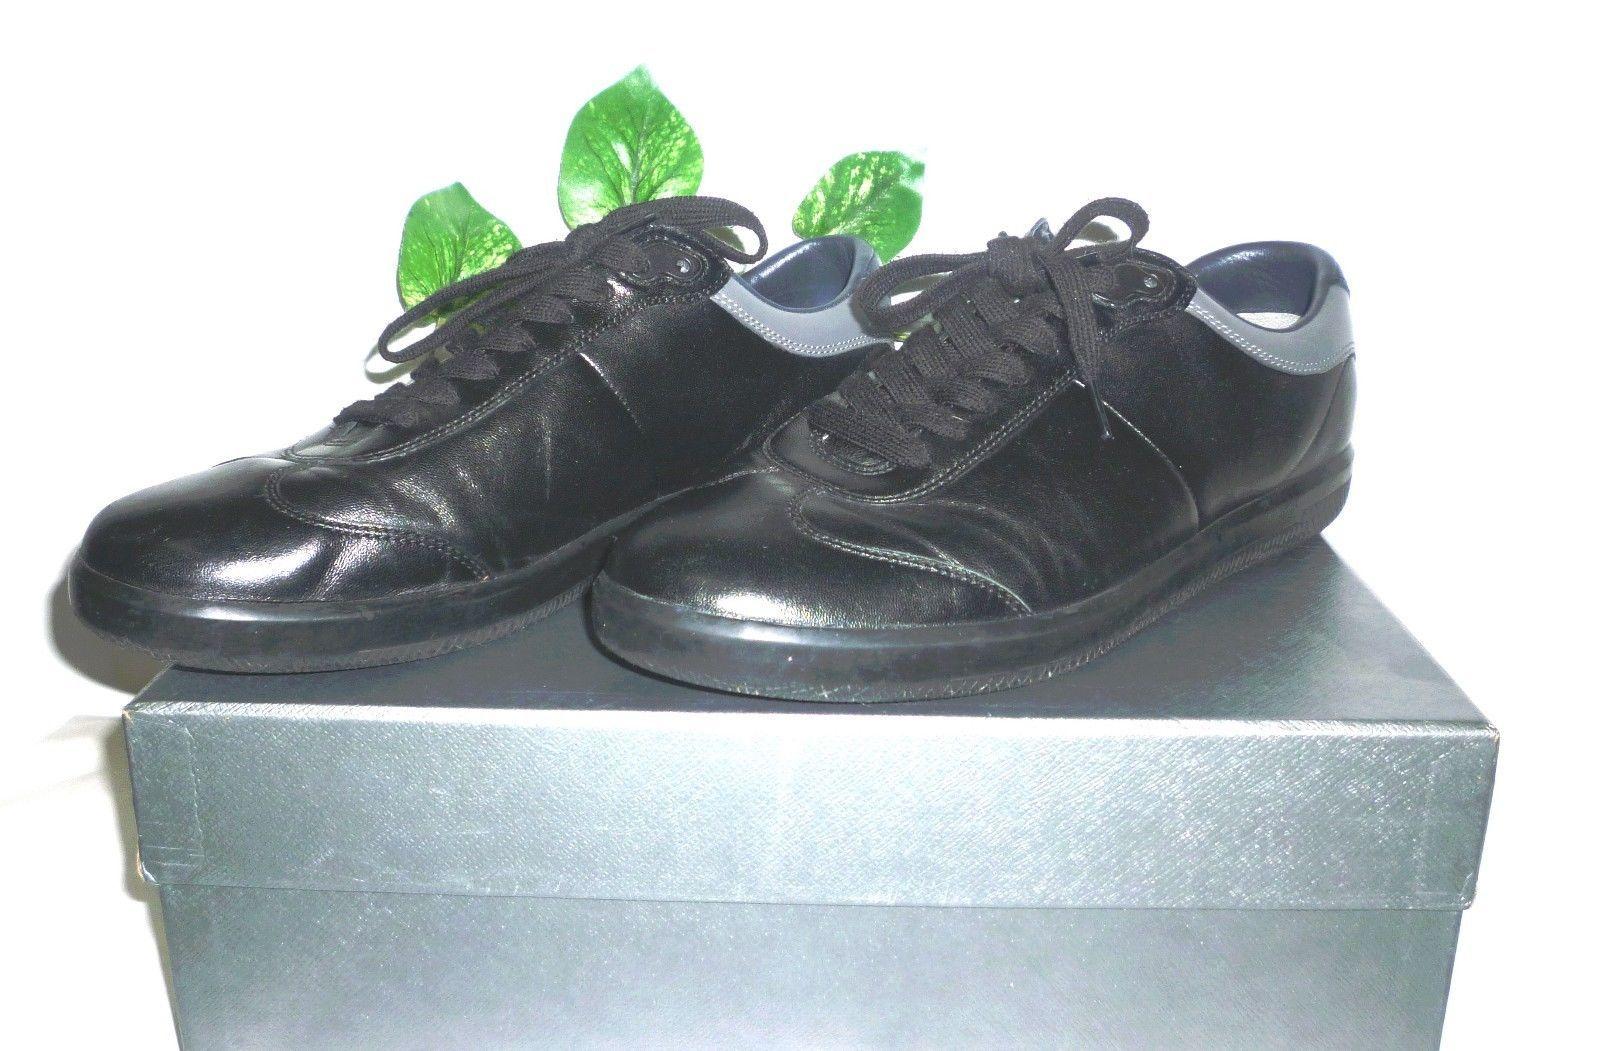 replica handbags manufacturers - Prada Sneaker: 58 listings